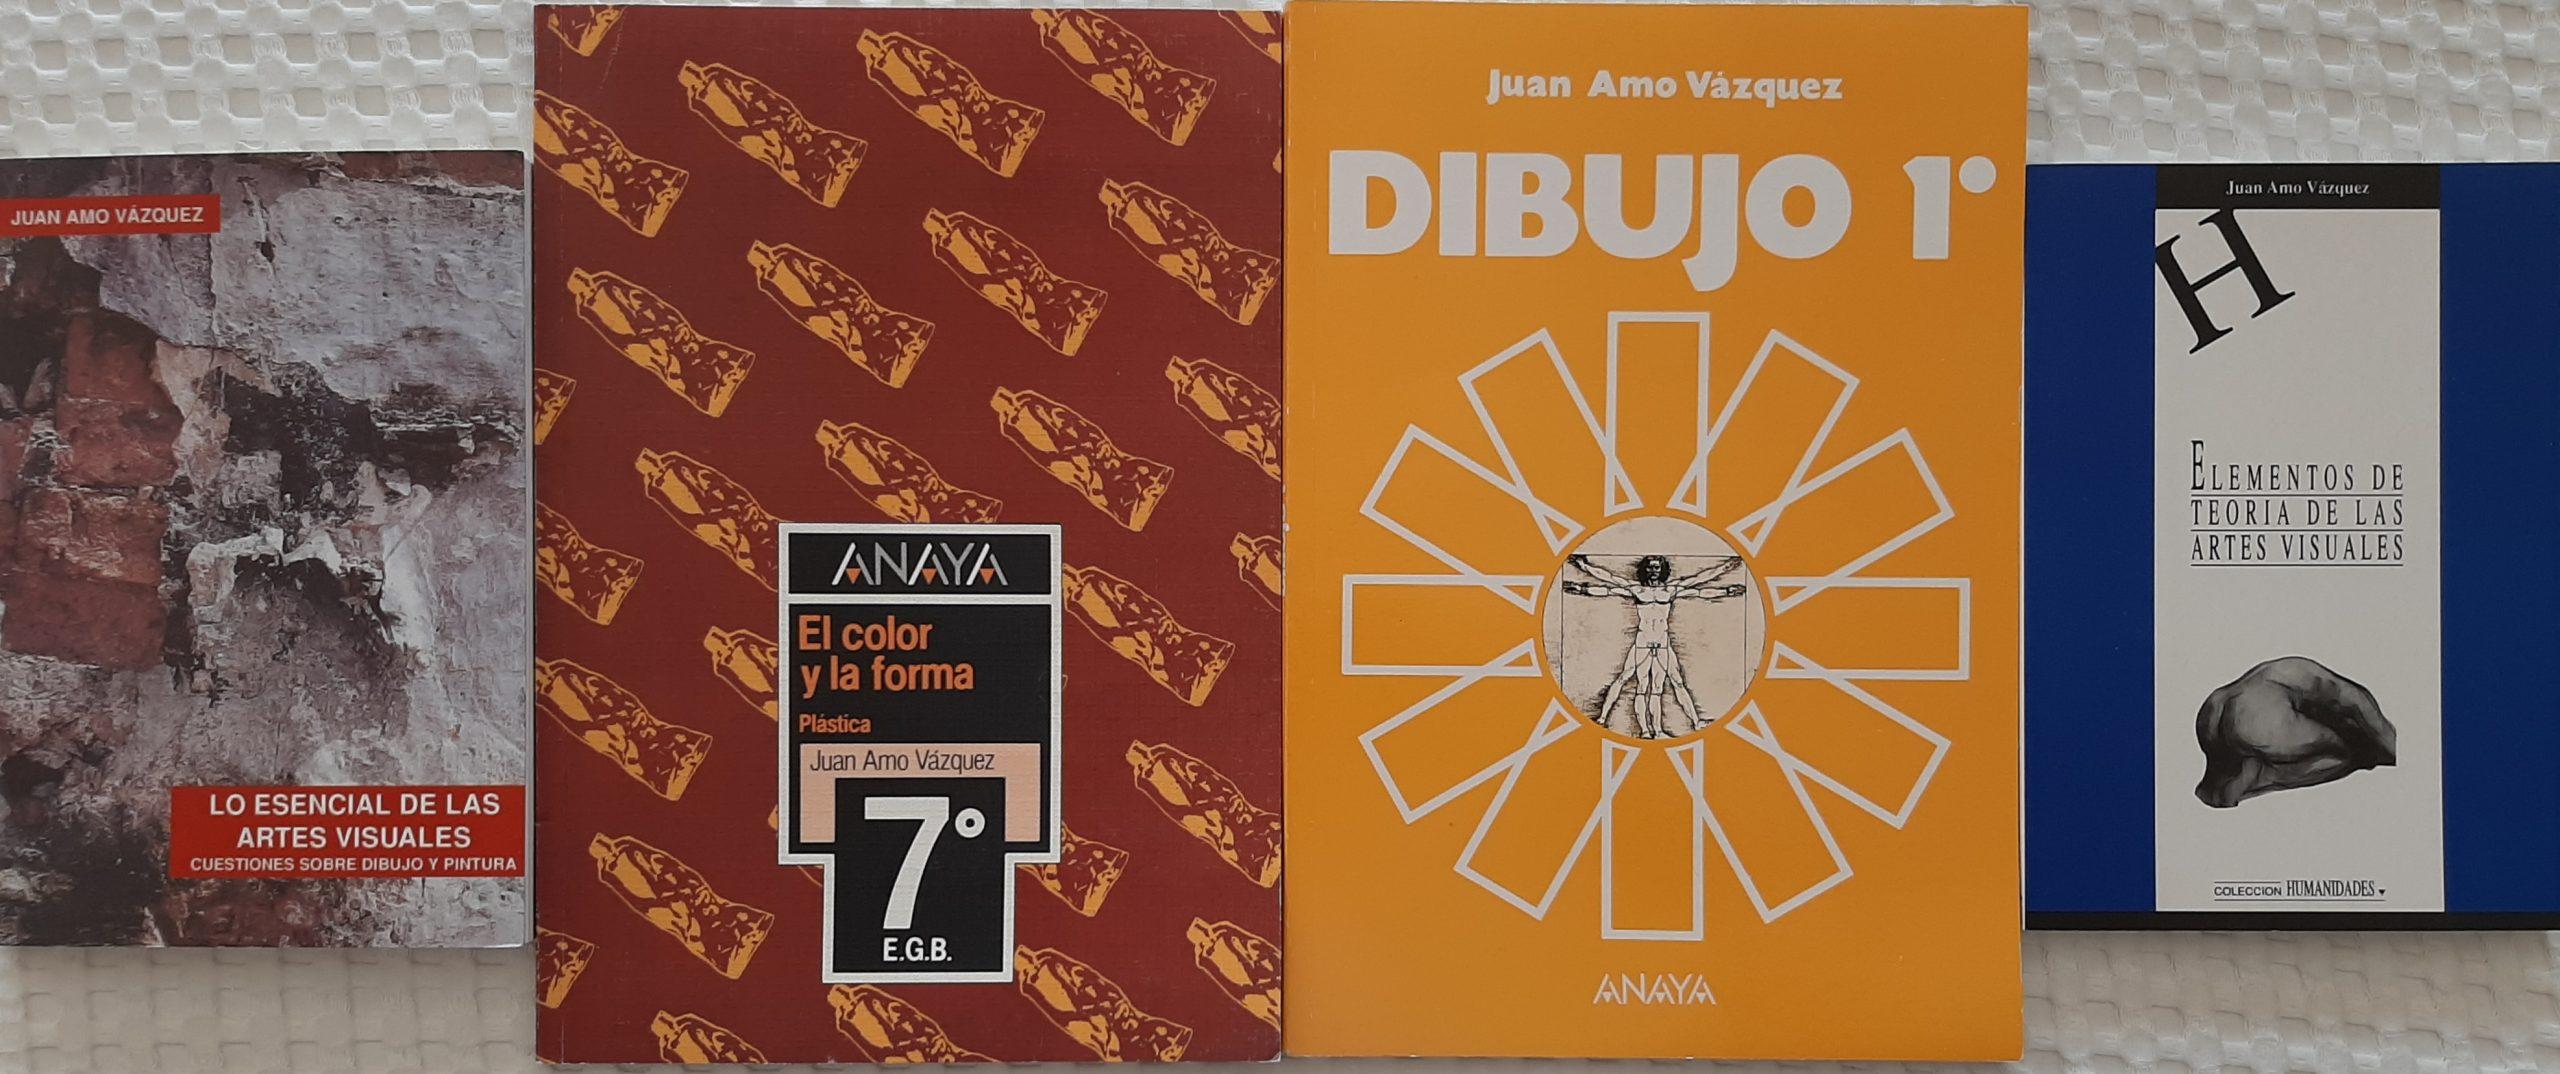 Libros de Juan Amo Vázquez.